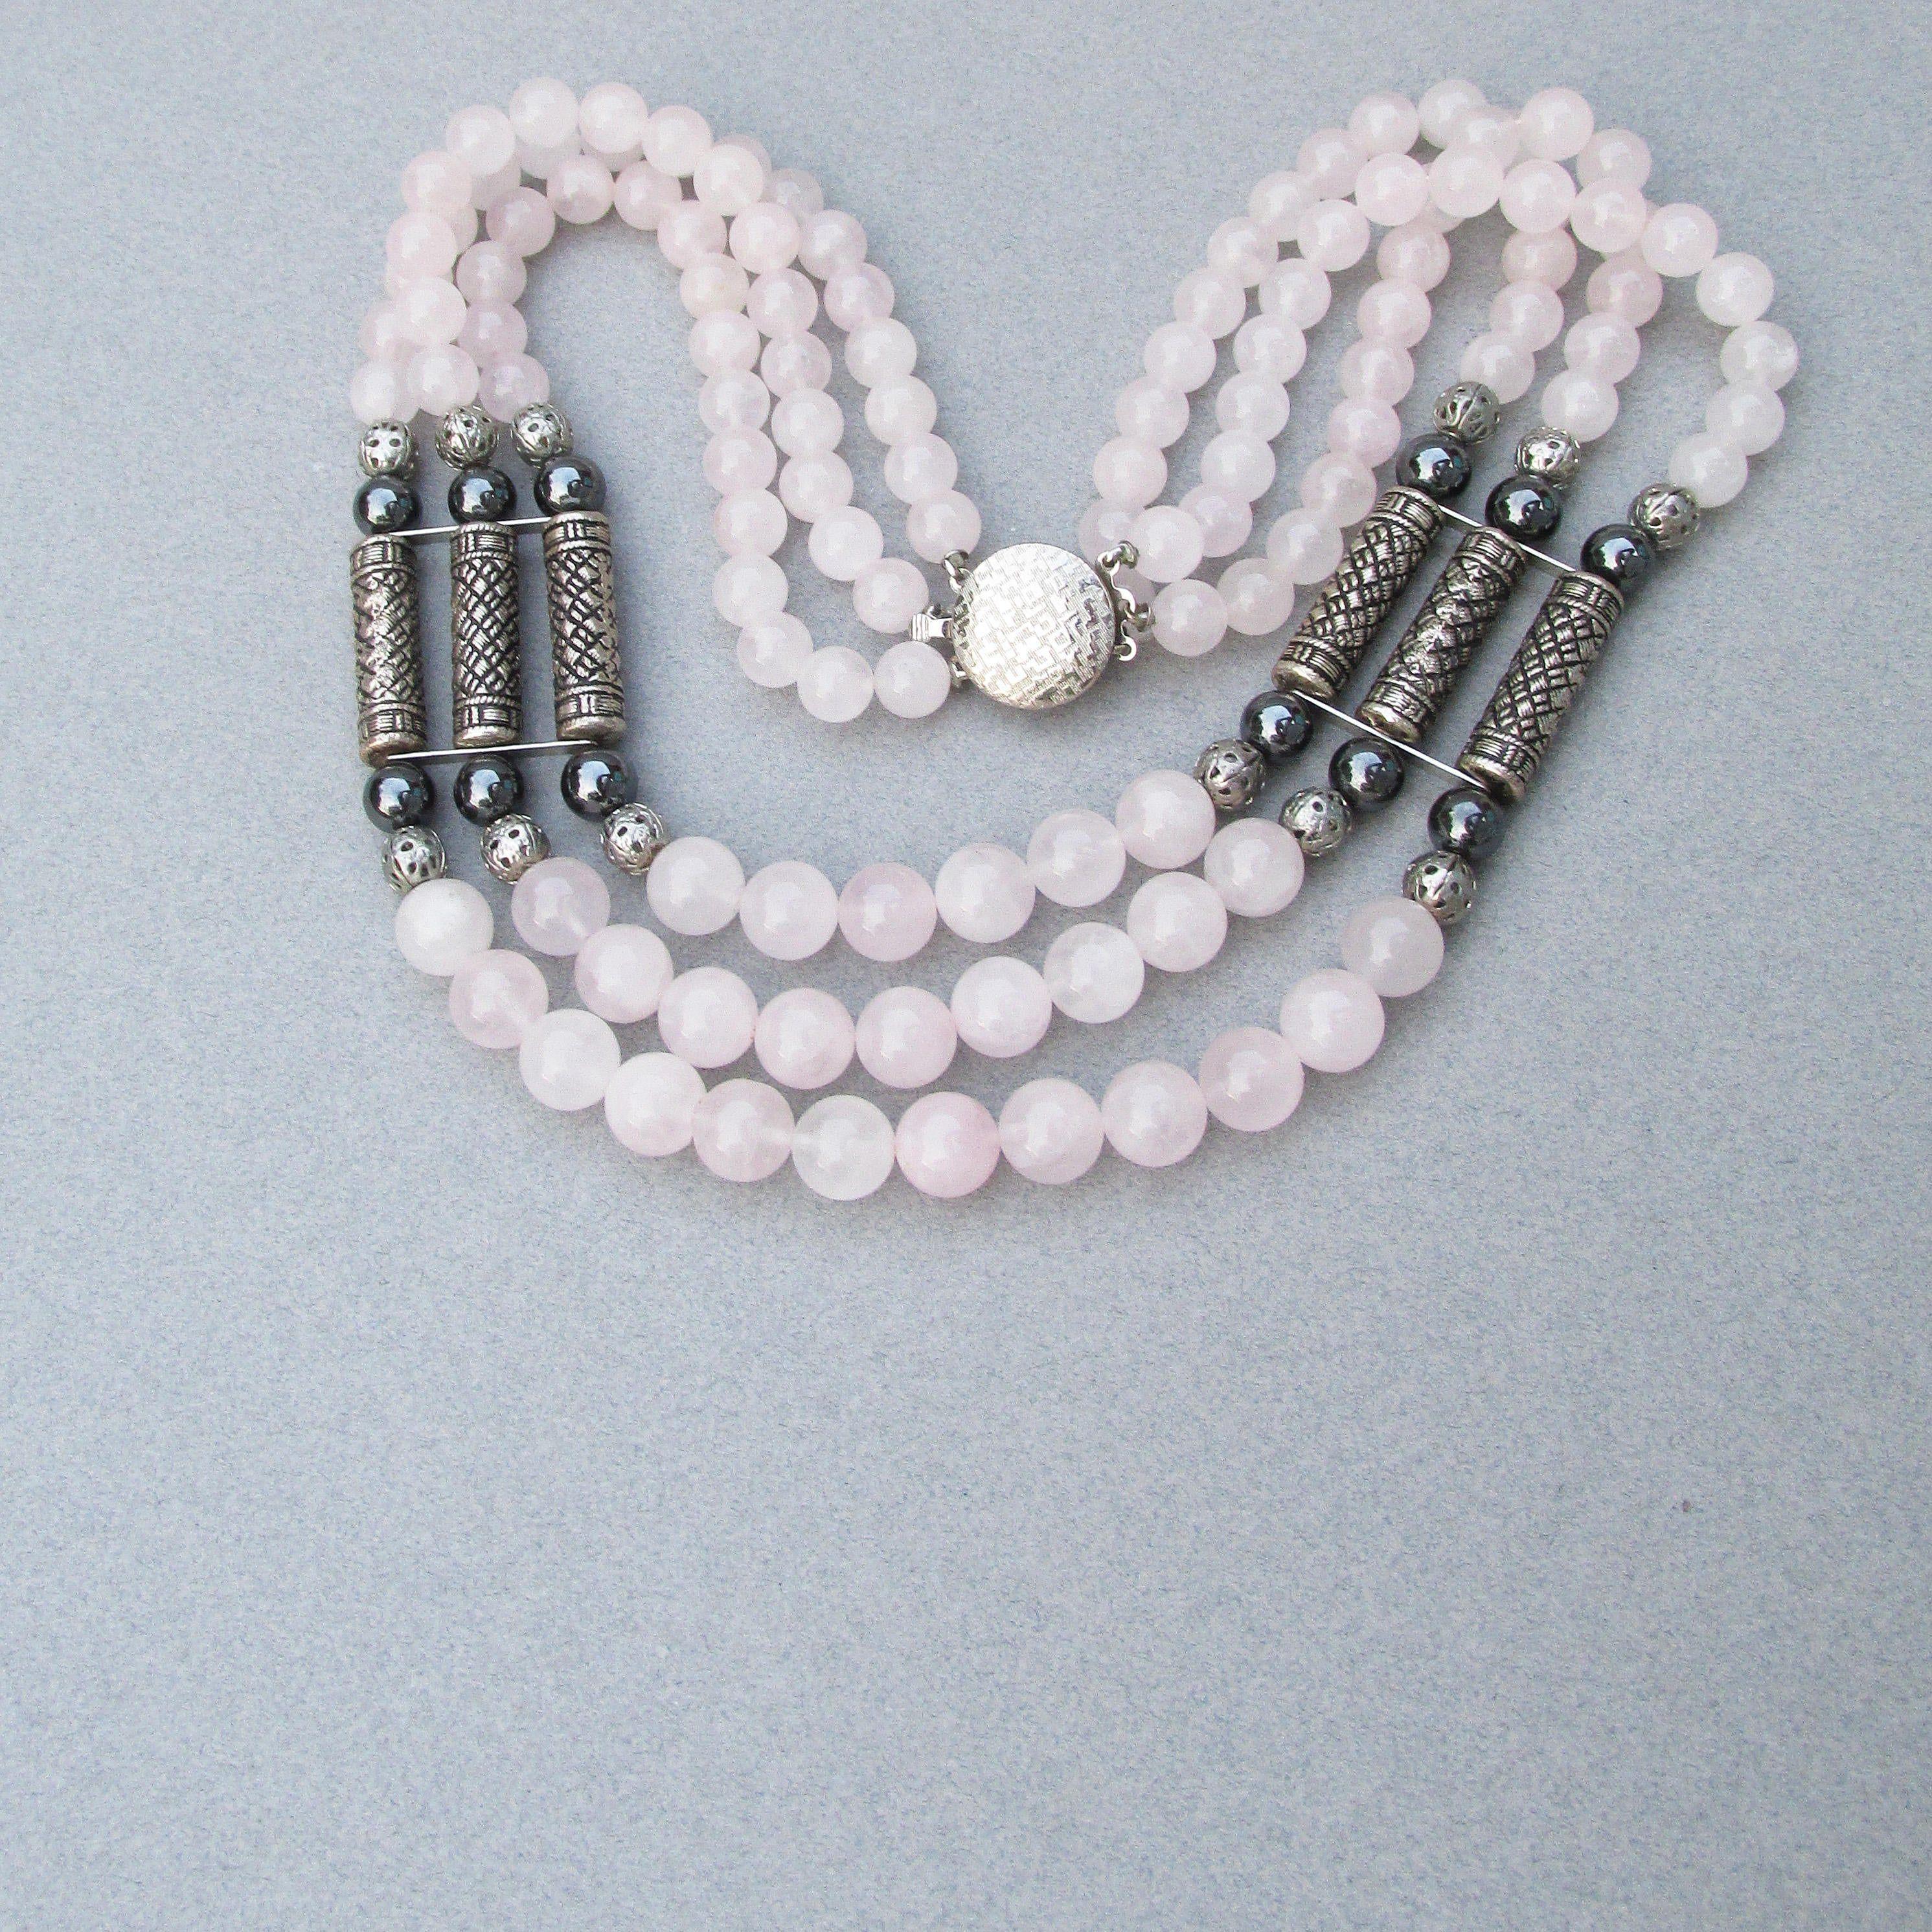 Rose Quartz and Pewter Necklace